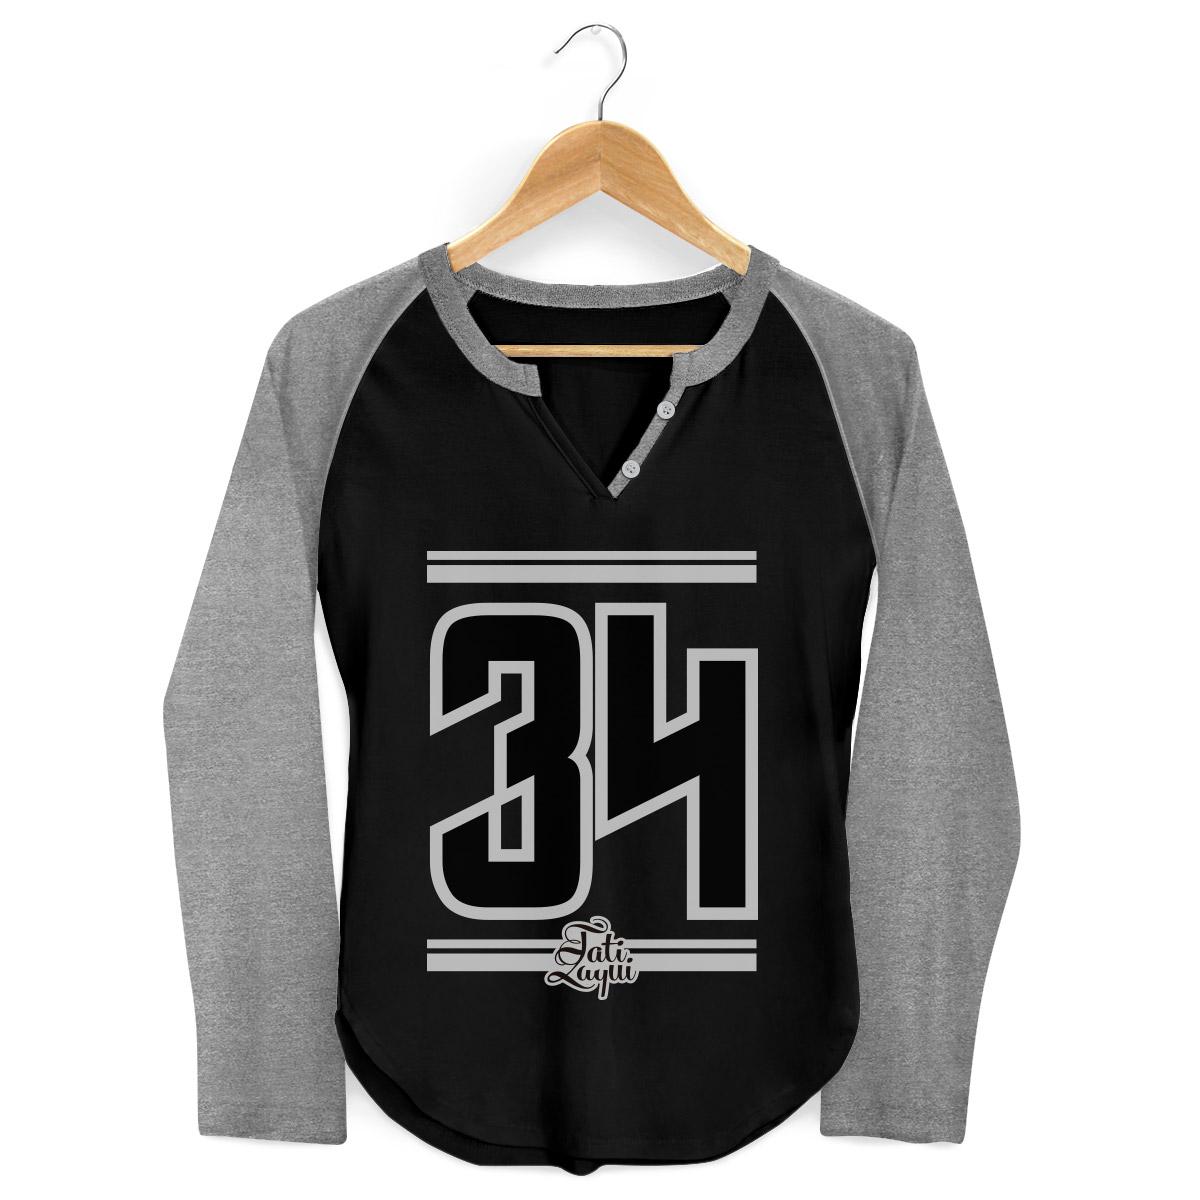 Camiseta Raglan Feminina MC Tati Zaqui 34